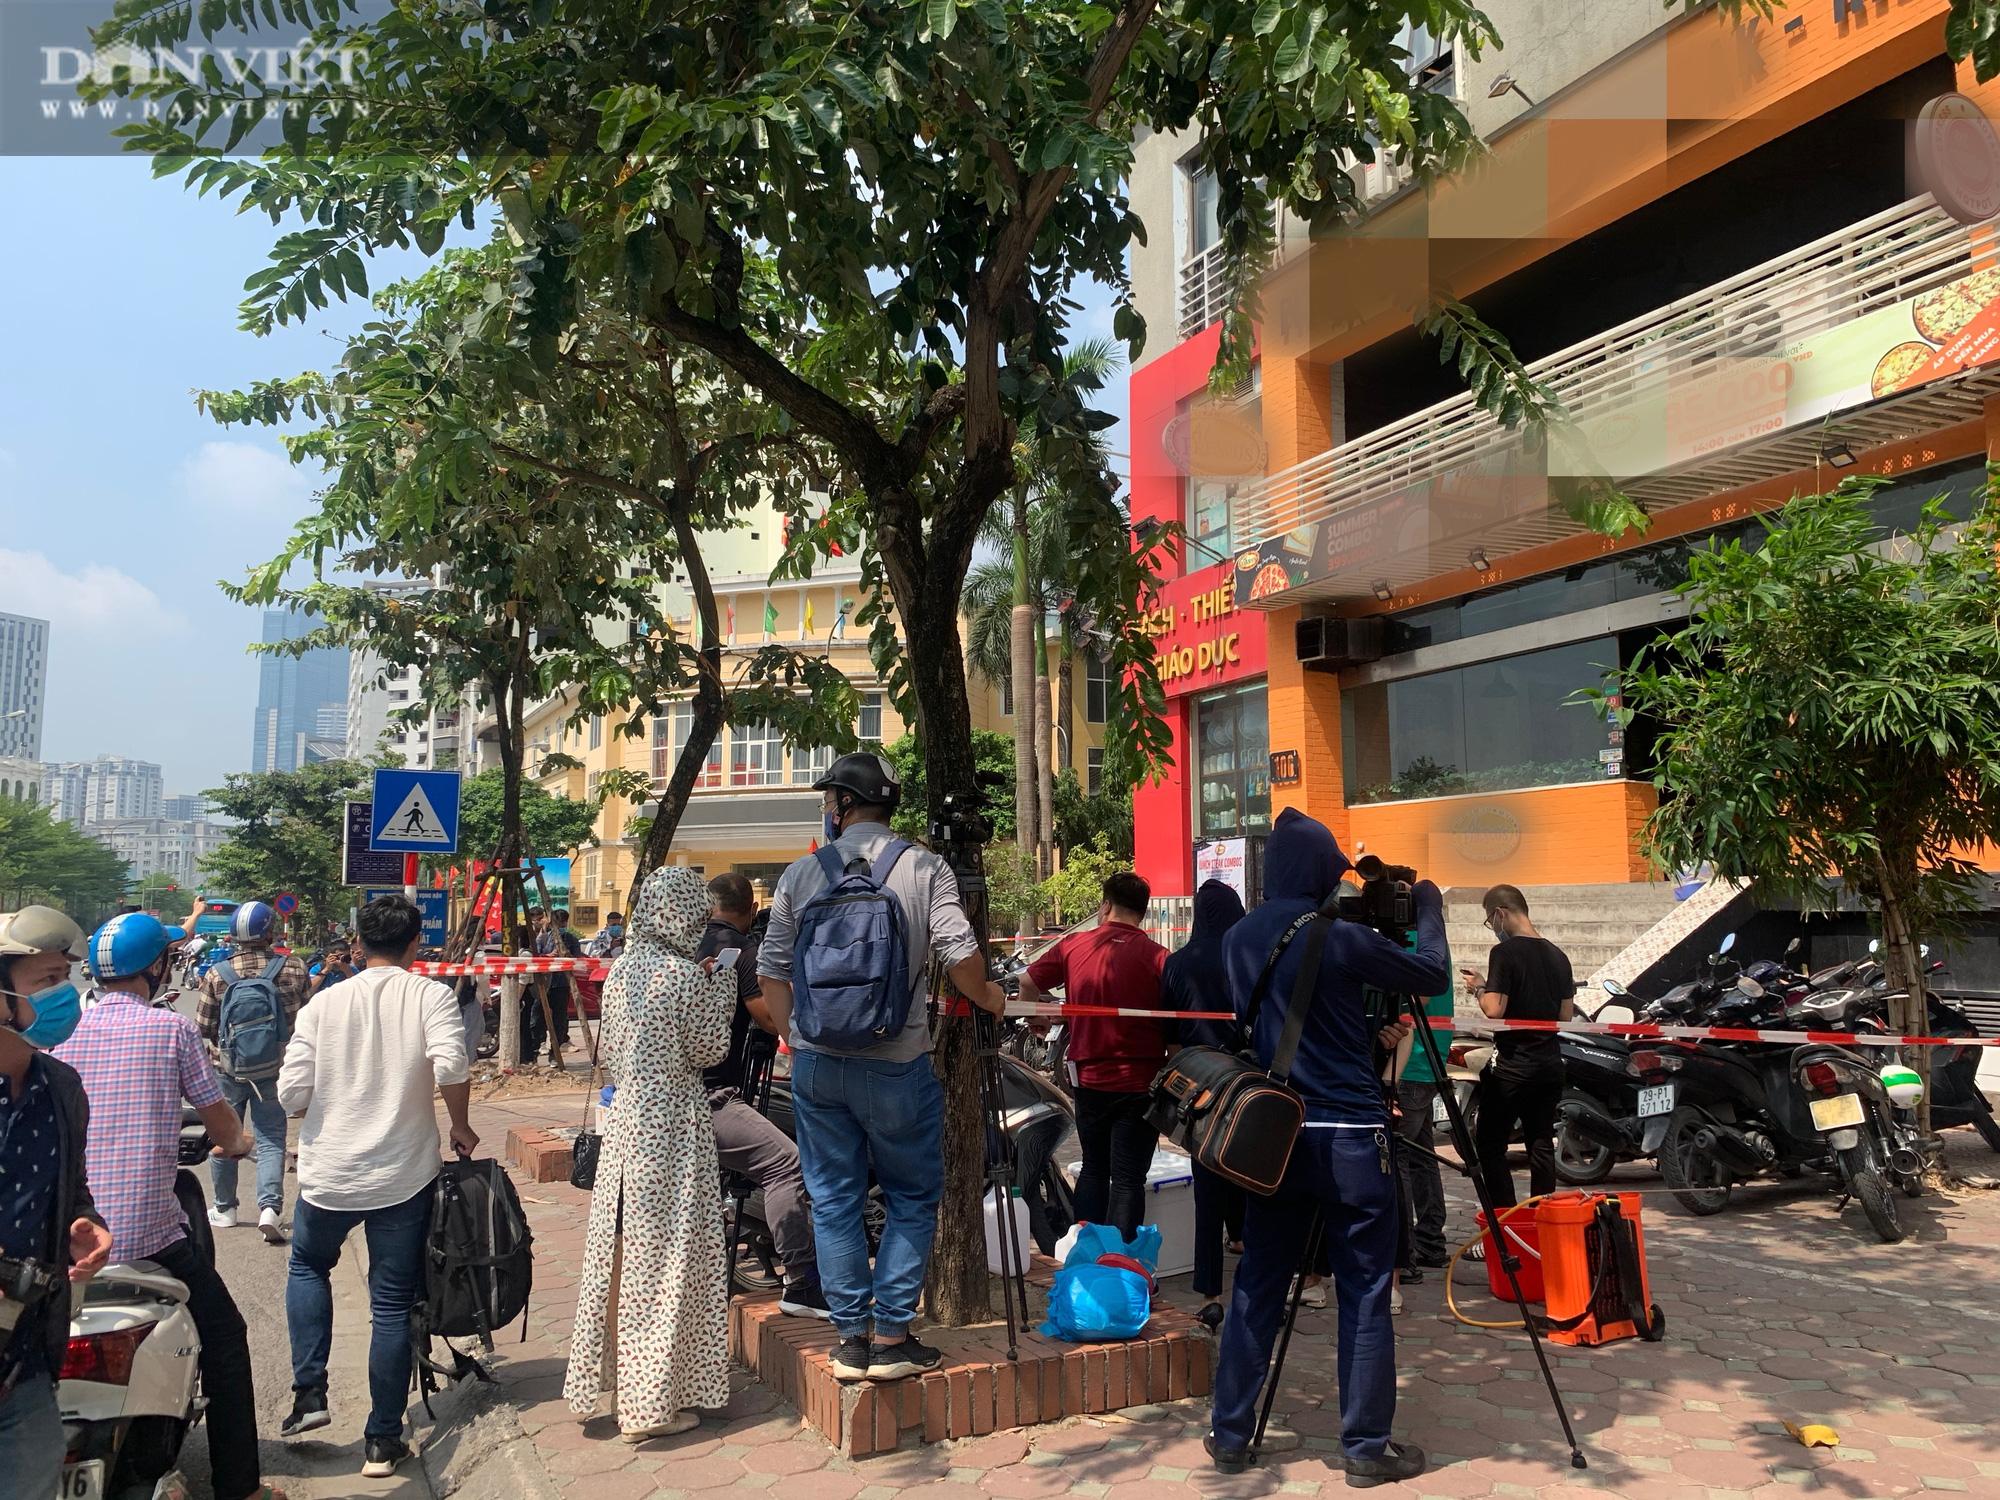 Một bệnh nhân nghi nhiễm Covid-19 tại Hà Nội: Phong toả và khử trùng quán pizza trên phố Trần Thái Tông - Ảnh 2.